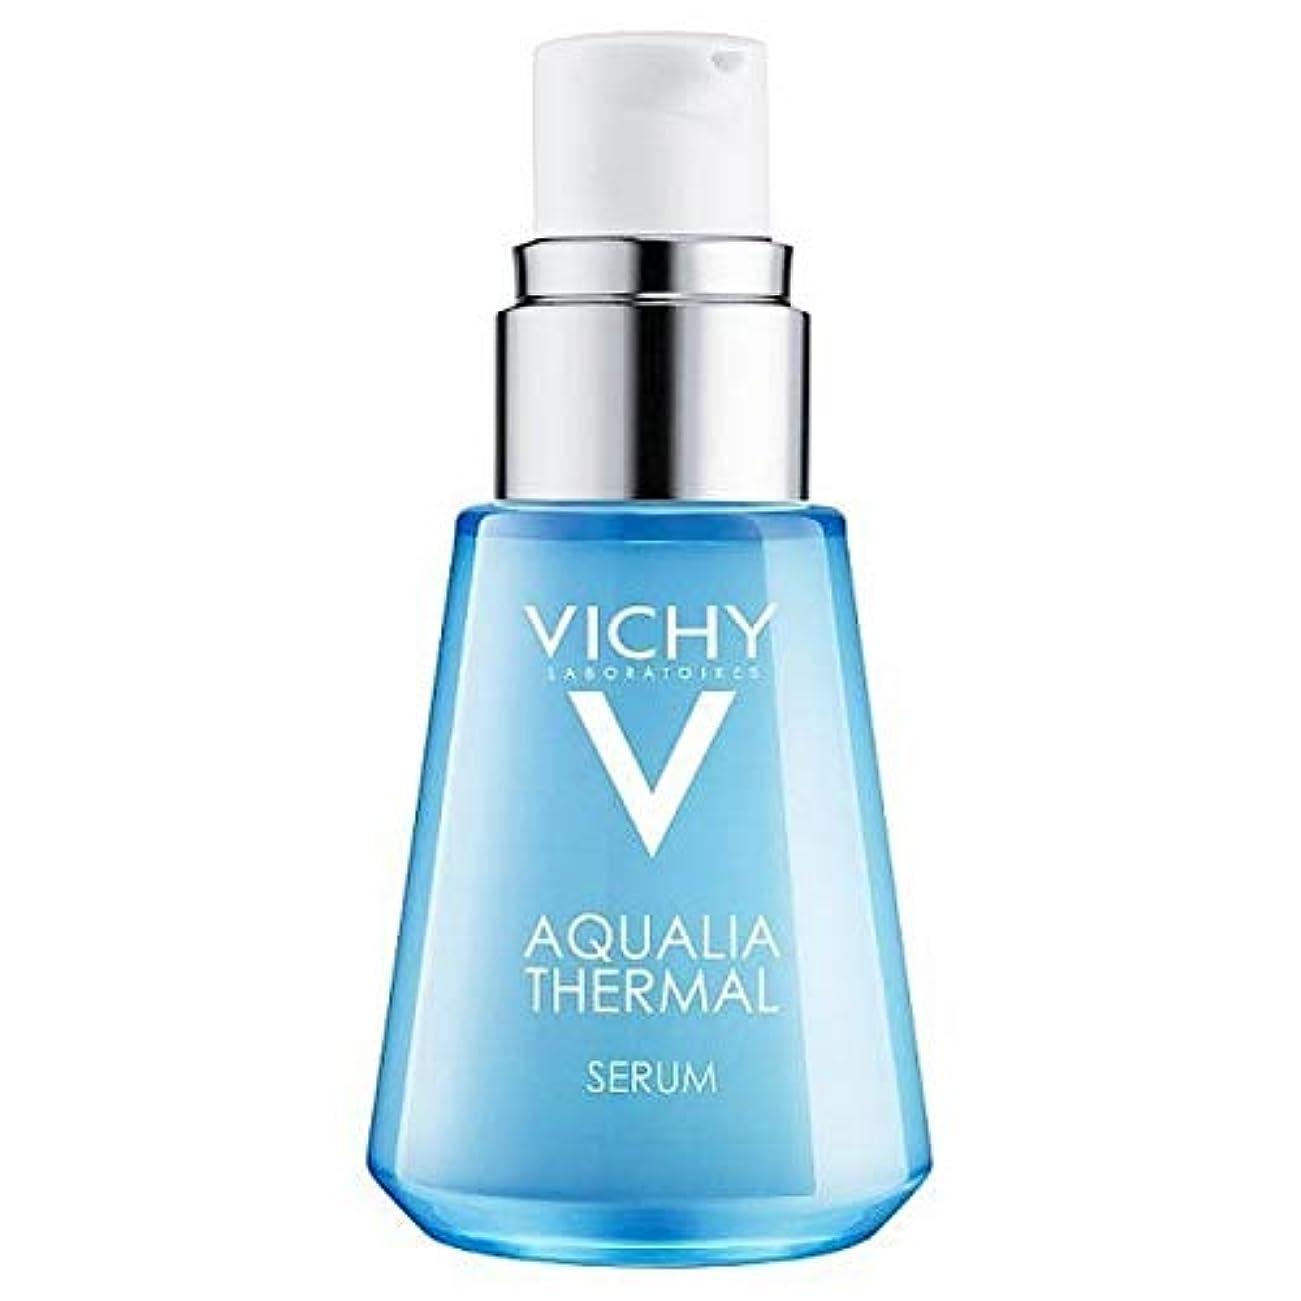 貧困ピルファー廃止[Vichy] 熱血清顔30ミリリットルAqualiaヴィシー - Vichy Aqualia Thermal Serum Face 30ml [並行輸入品]